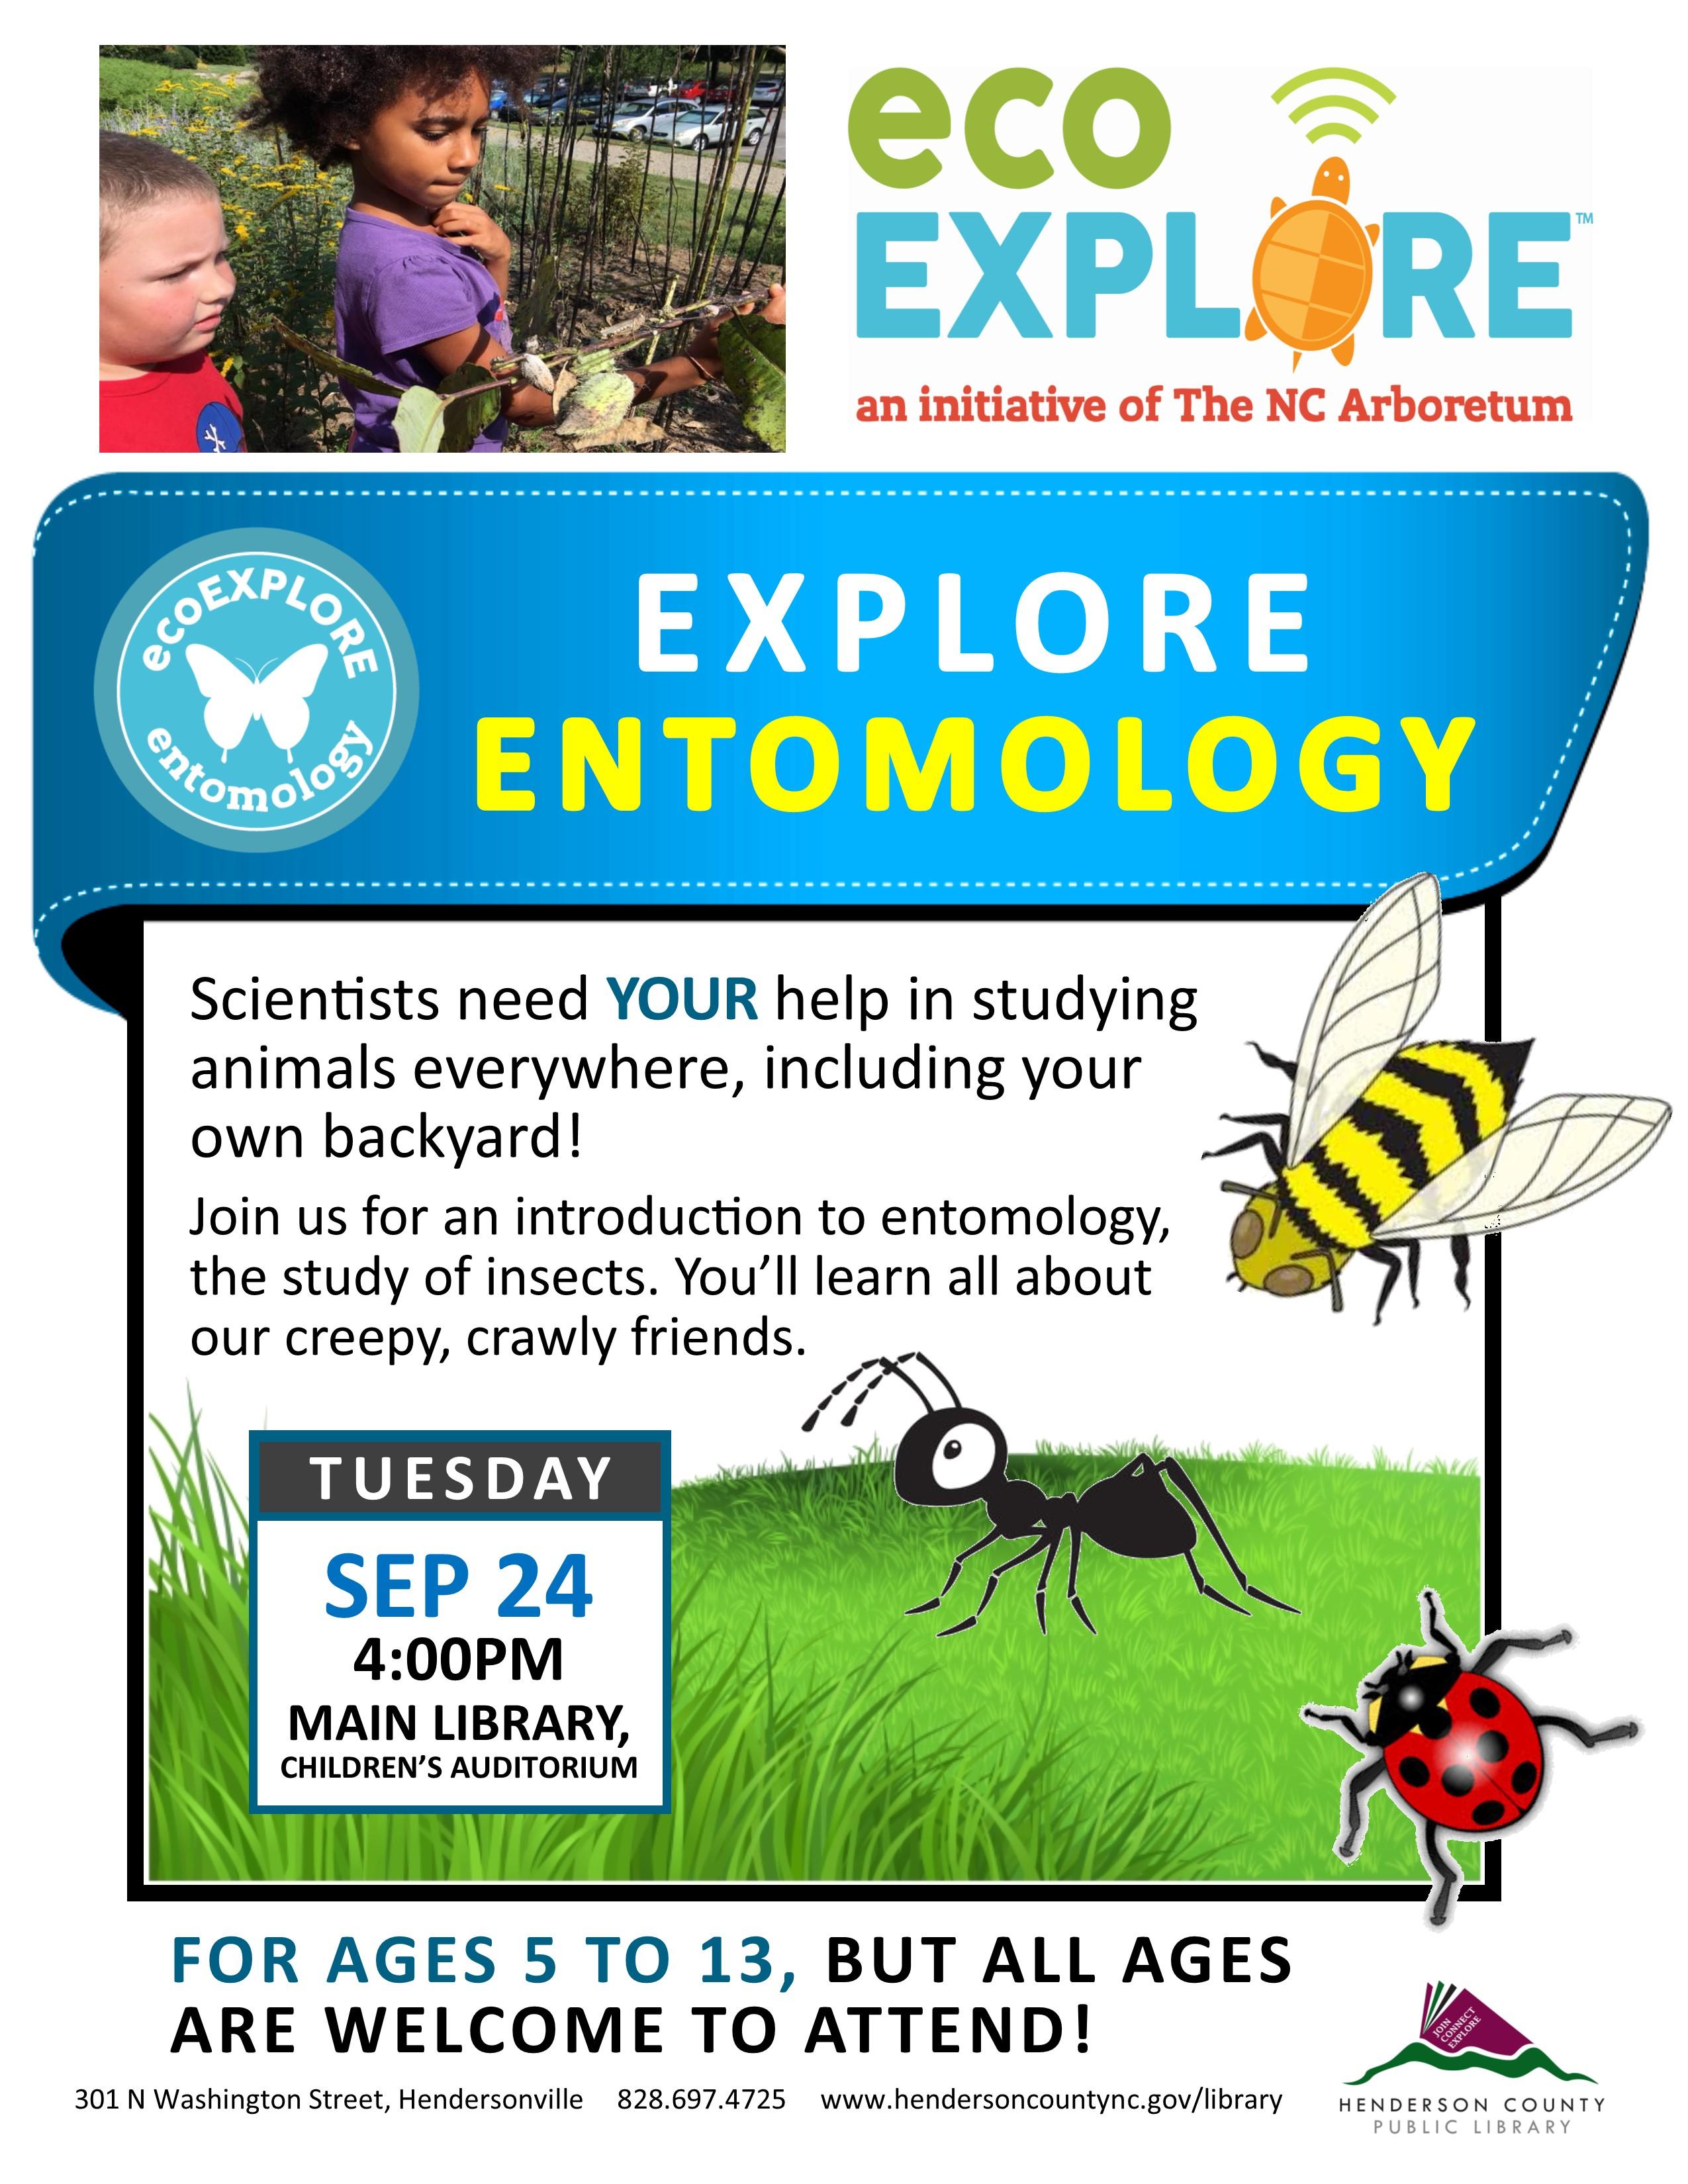 ecoEXPLORE Entomology